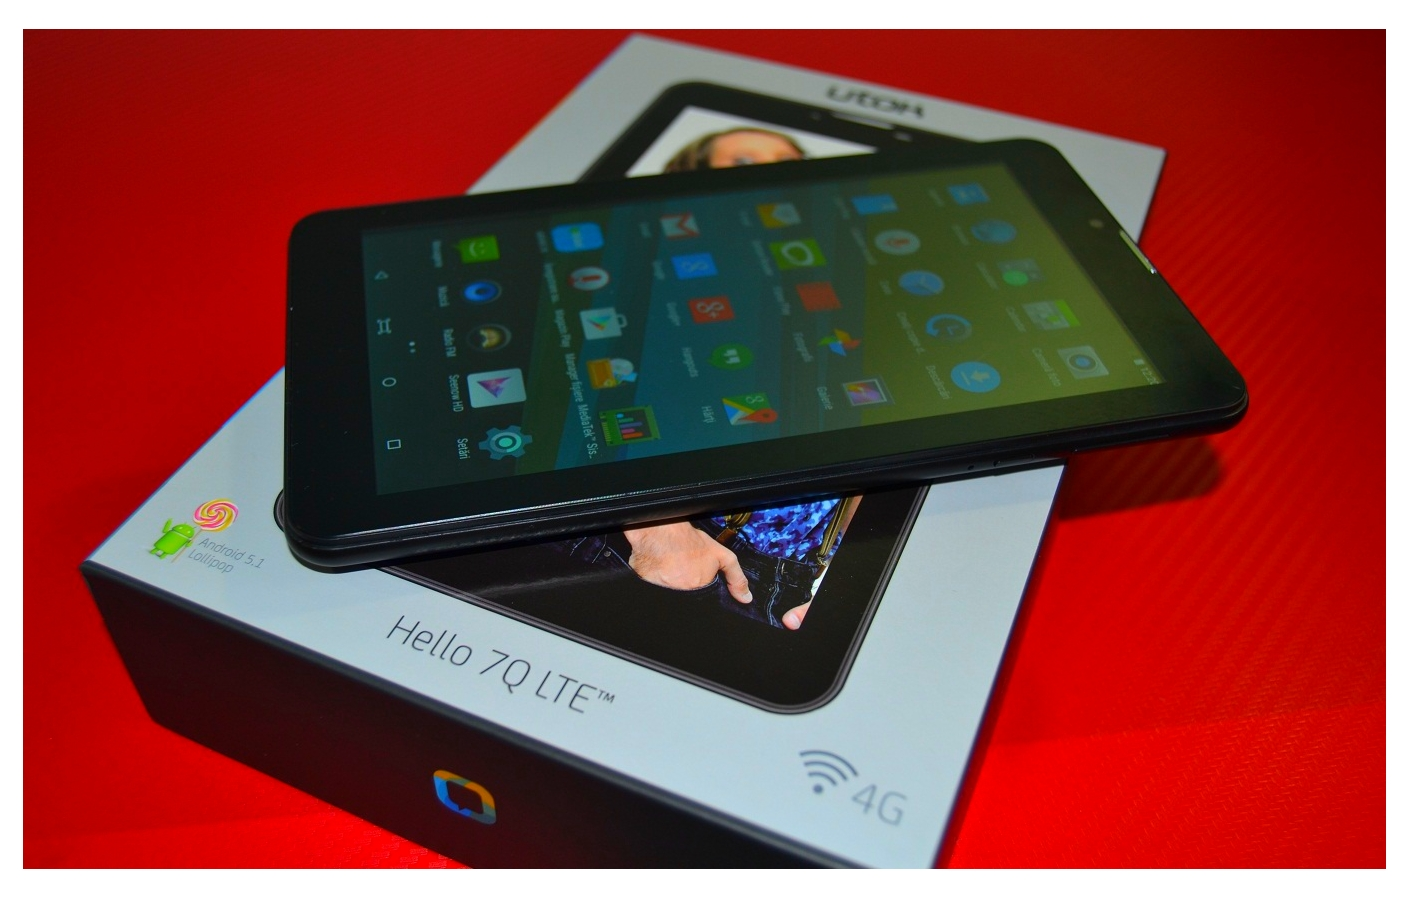 4 Unboxing si primele pareri, tableta UTOK Hello 7Q cu conectivitate LTE